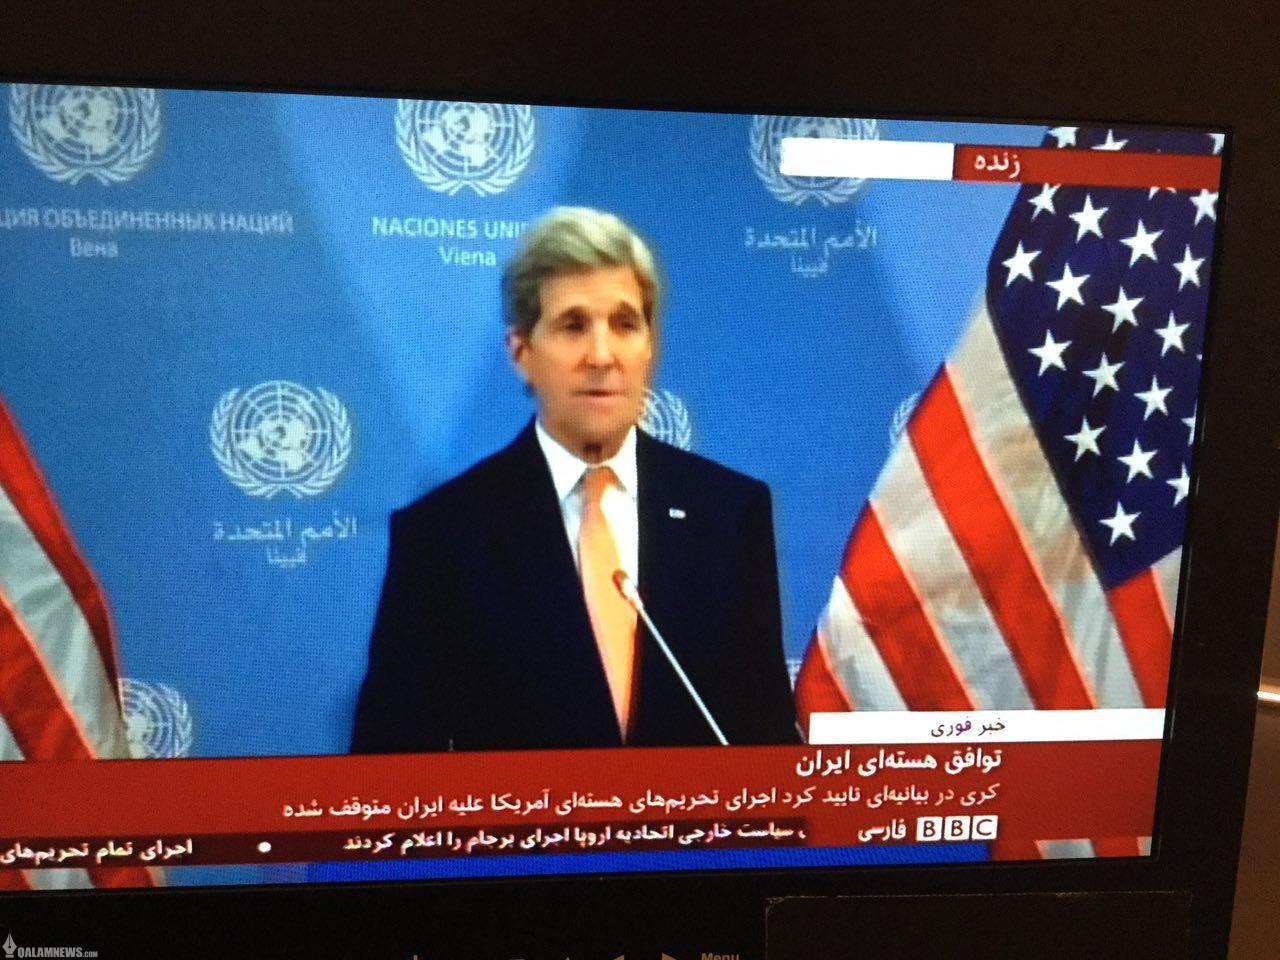 جان کری: آمریکا تحریمهایش علیه ایران را لغو کرد